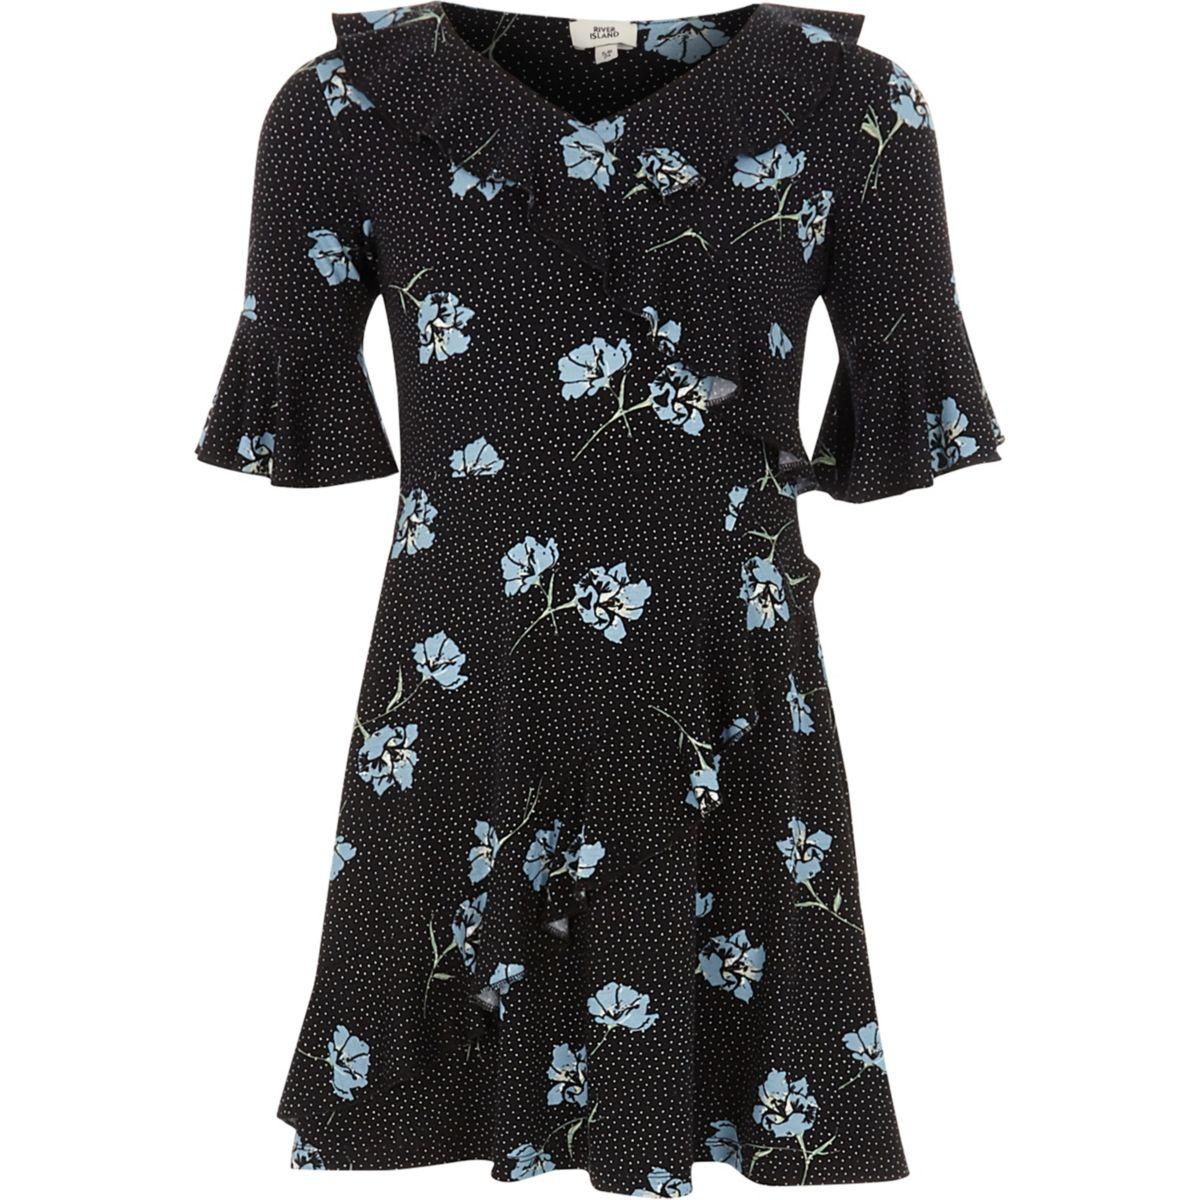 Girls black floral tea dress